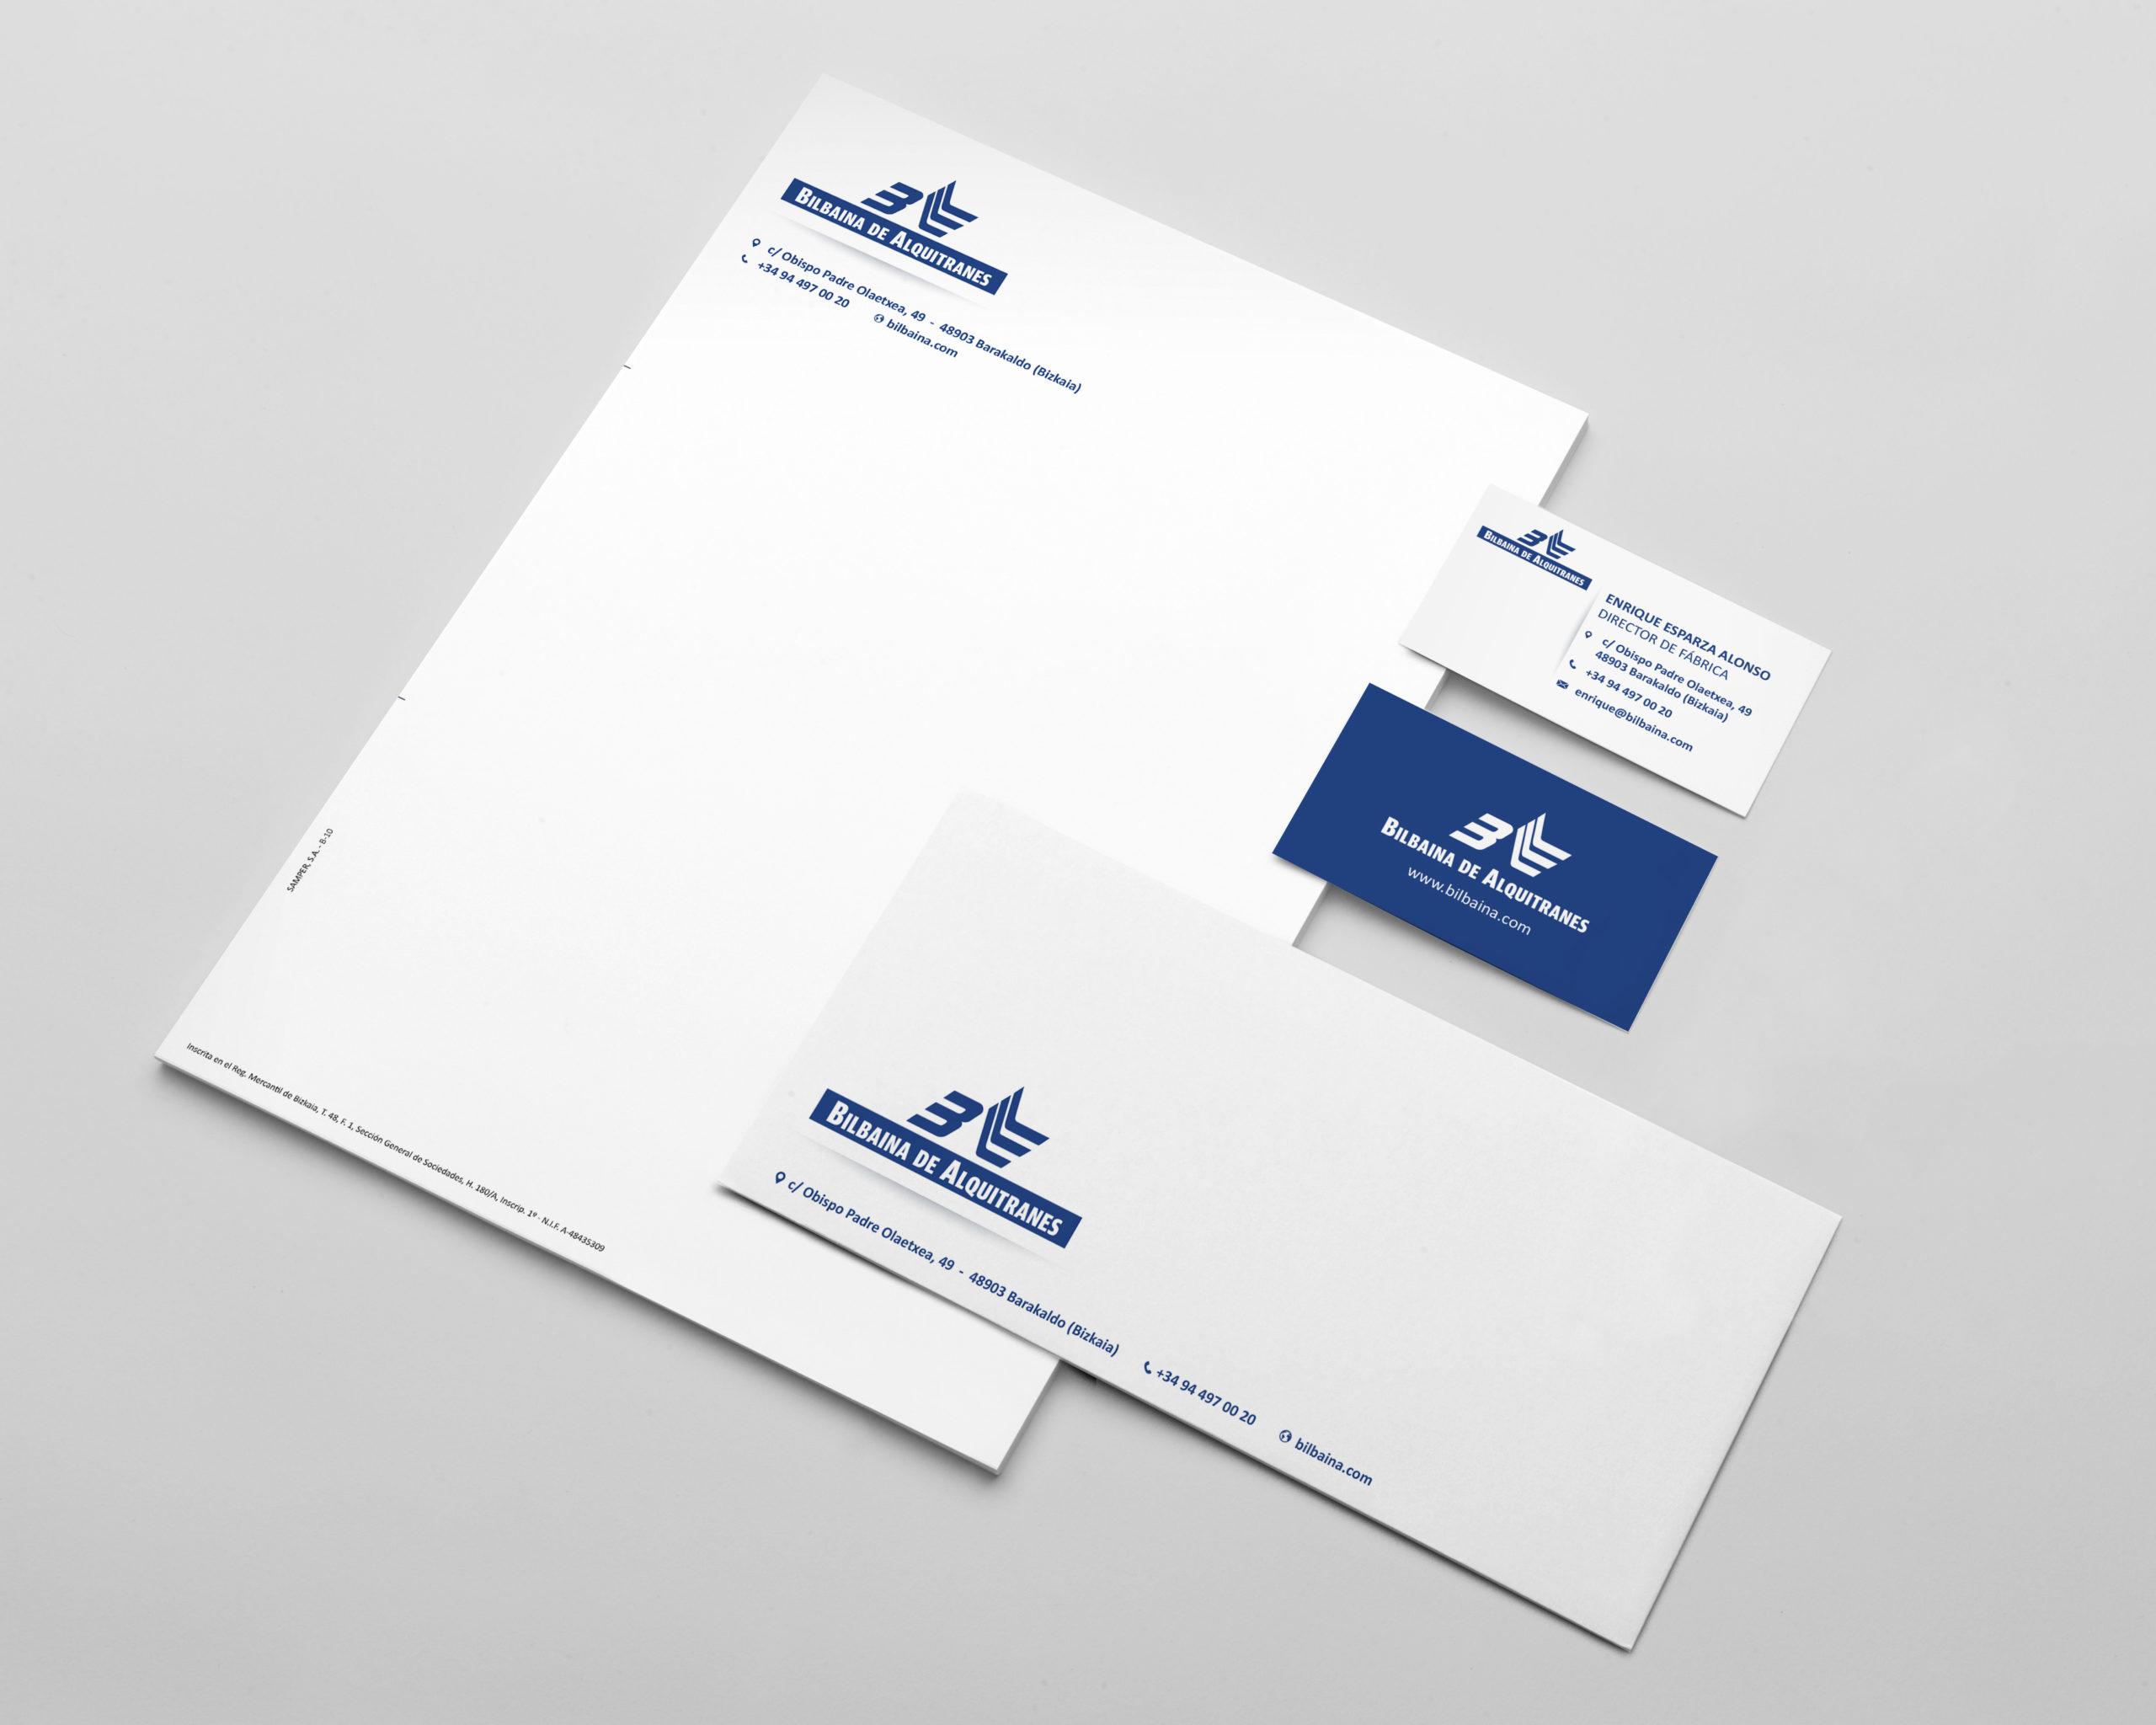 motiva-agencia-comunicacion_branding_papeleria-bilbaina-de-alquitranes